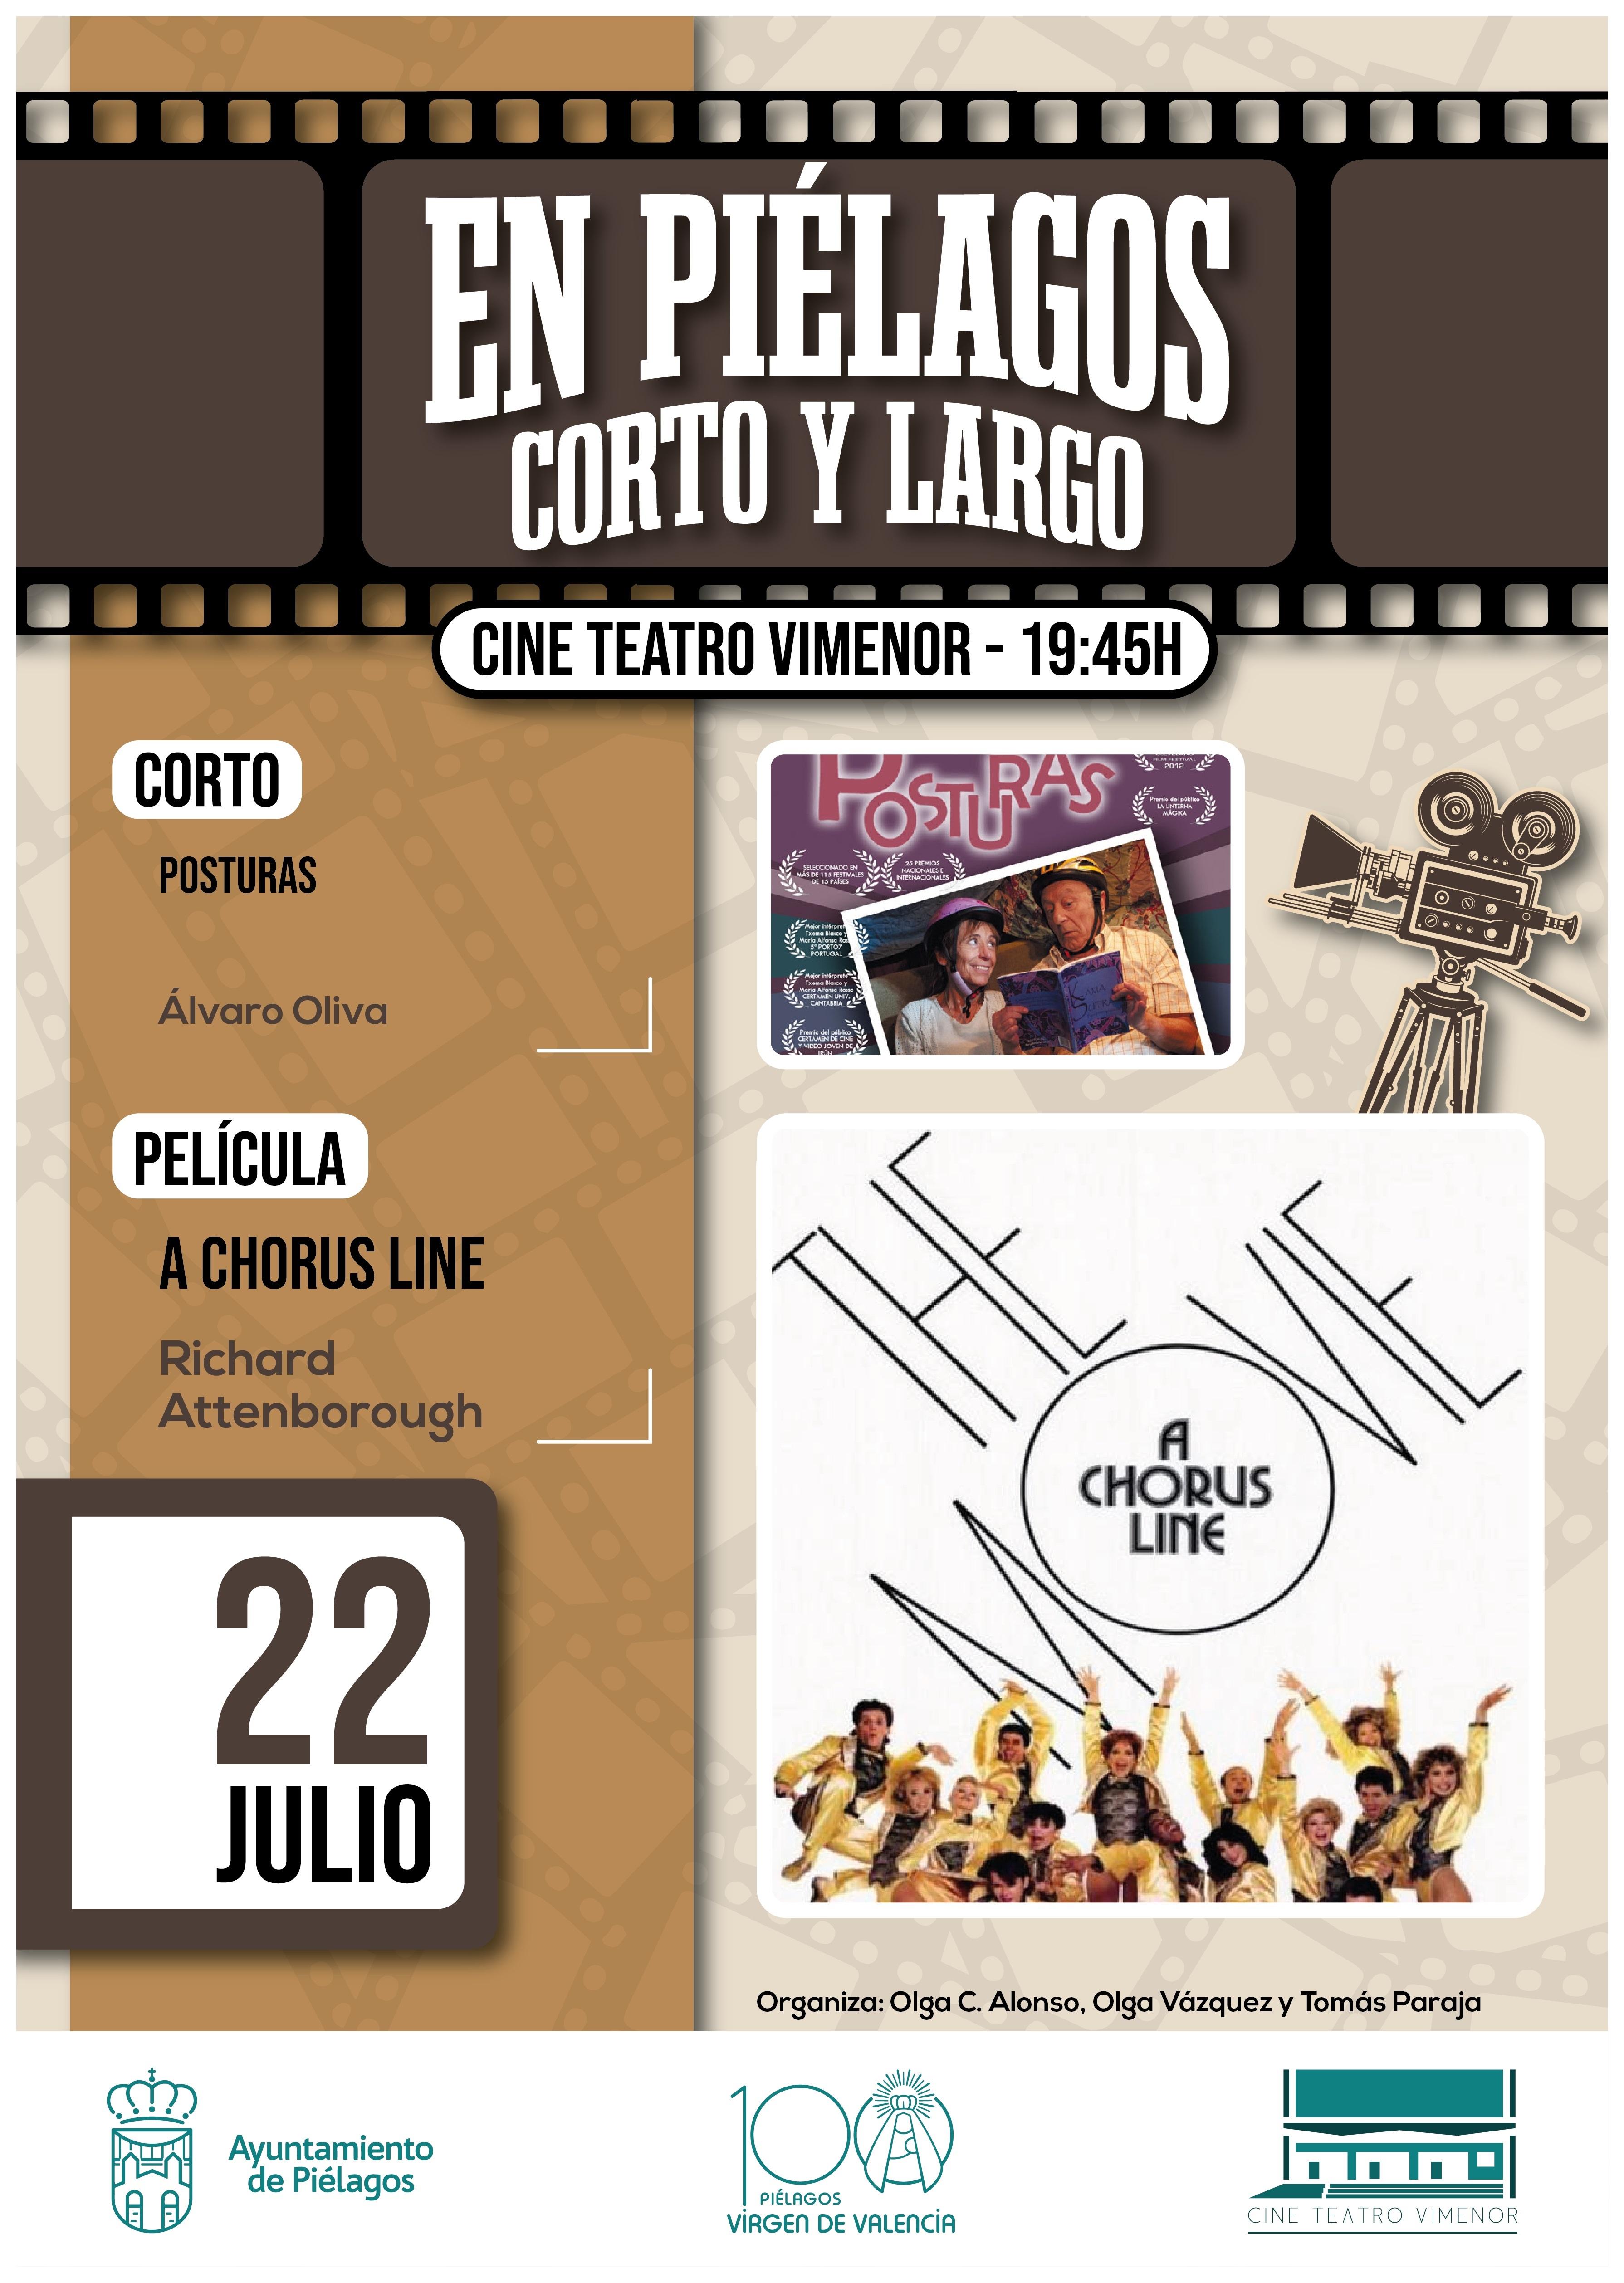 Piélagos proyecta el cortometraje 'Posturas' y el musical 'A Chorus Line'